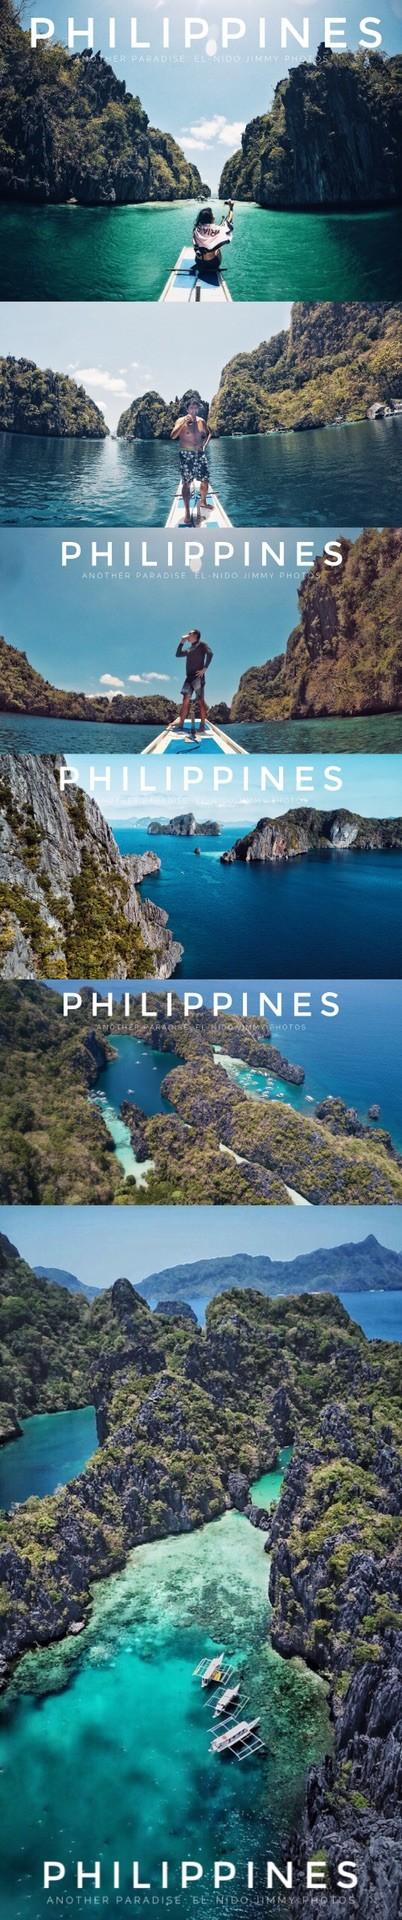 27天菲律宾# 穷游路线/航拍美图: 宿务-薄荷岛-锡岛